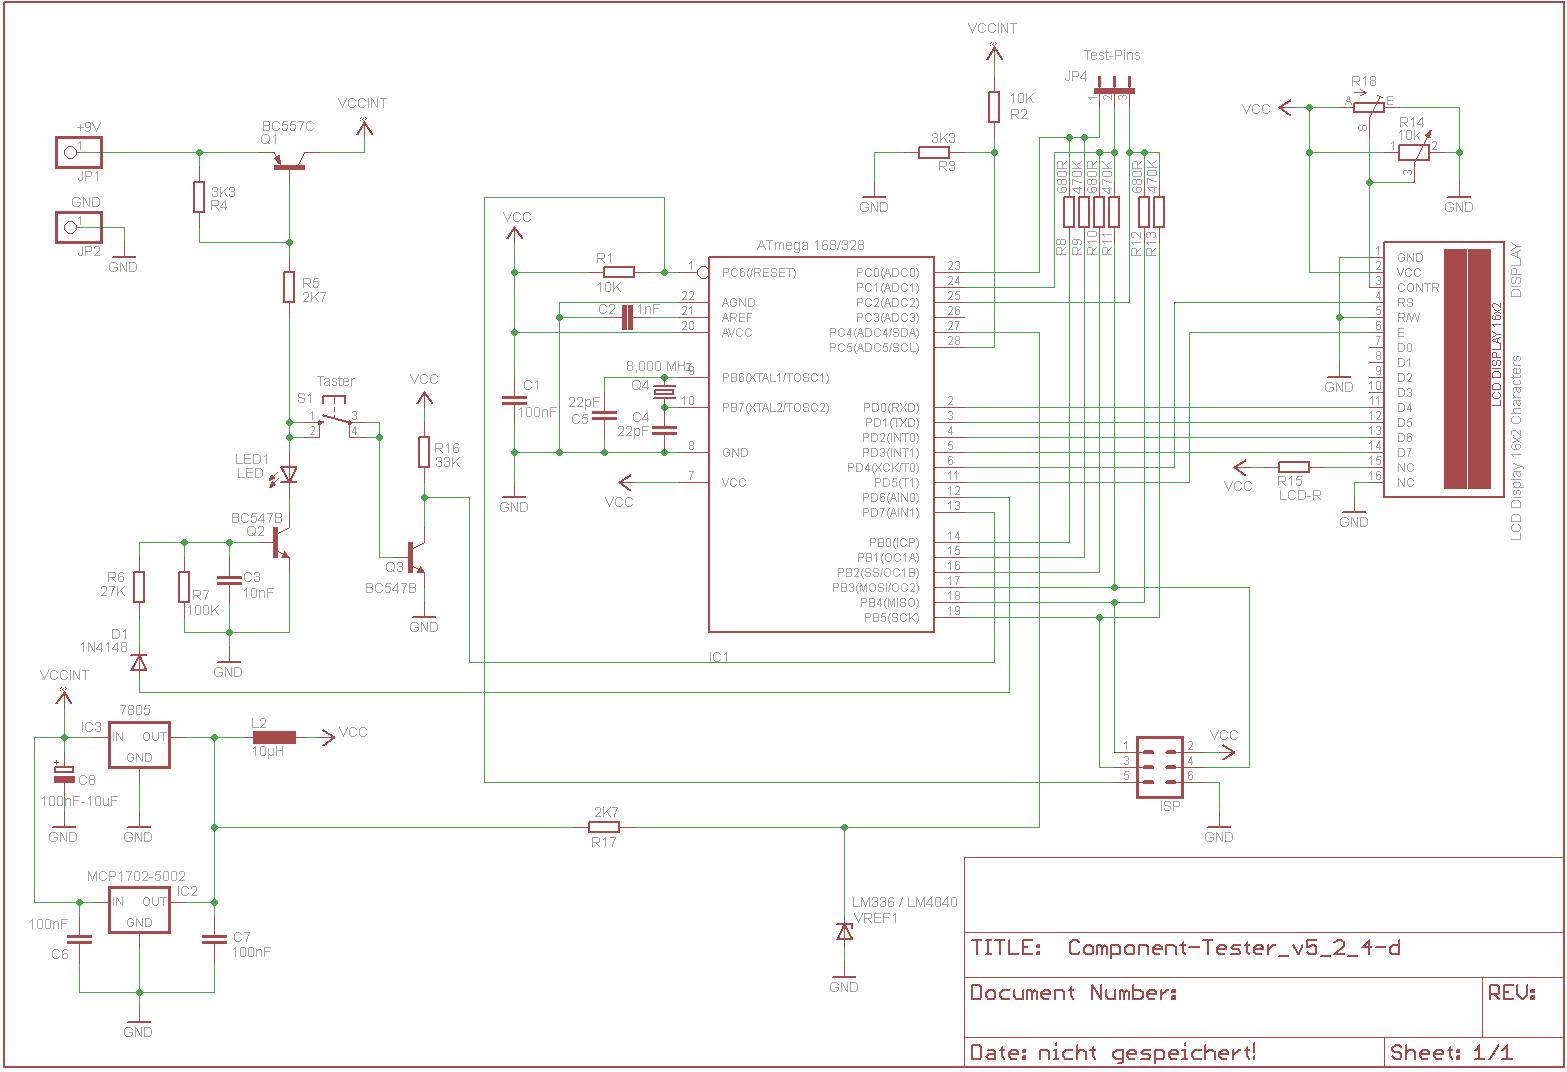 Wunderbar Einfacher Lichtleiter Schaltplan Ideen - Elektrische ...